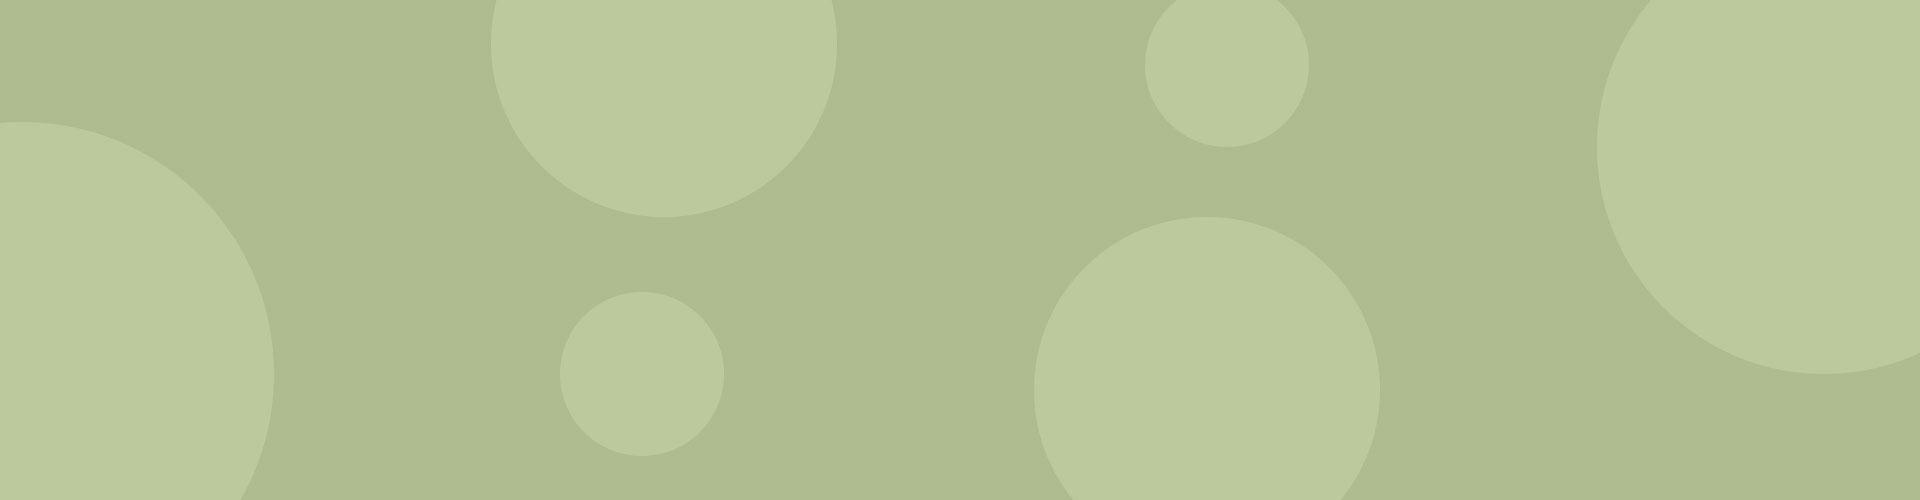 bg01-verde